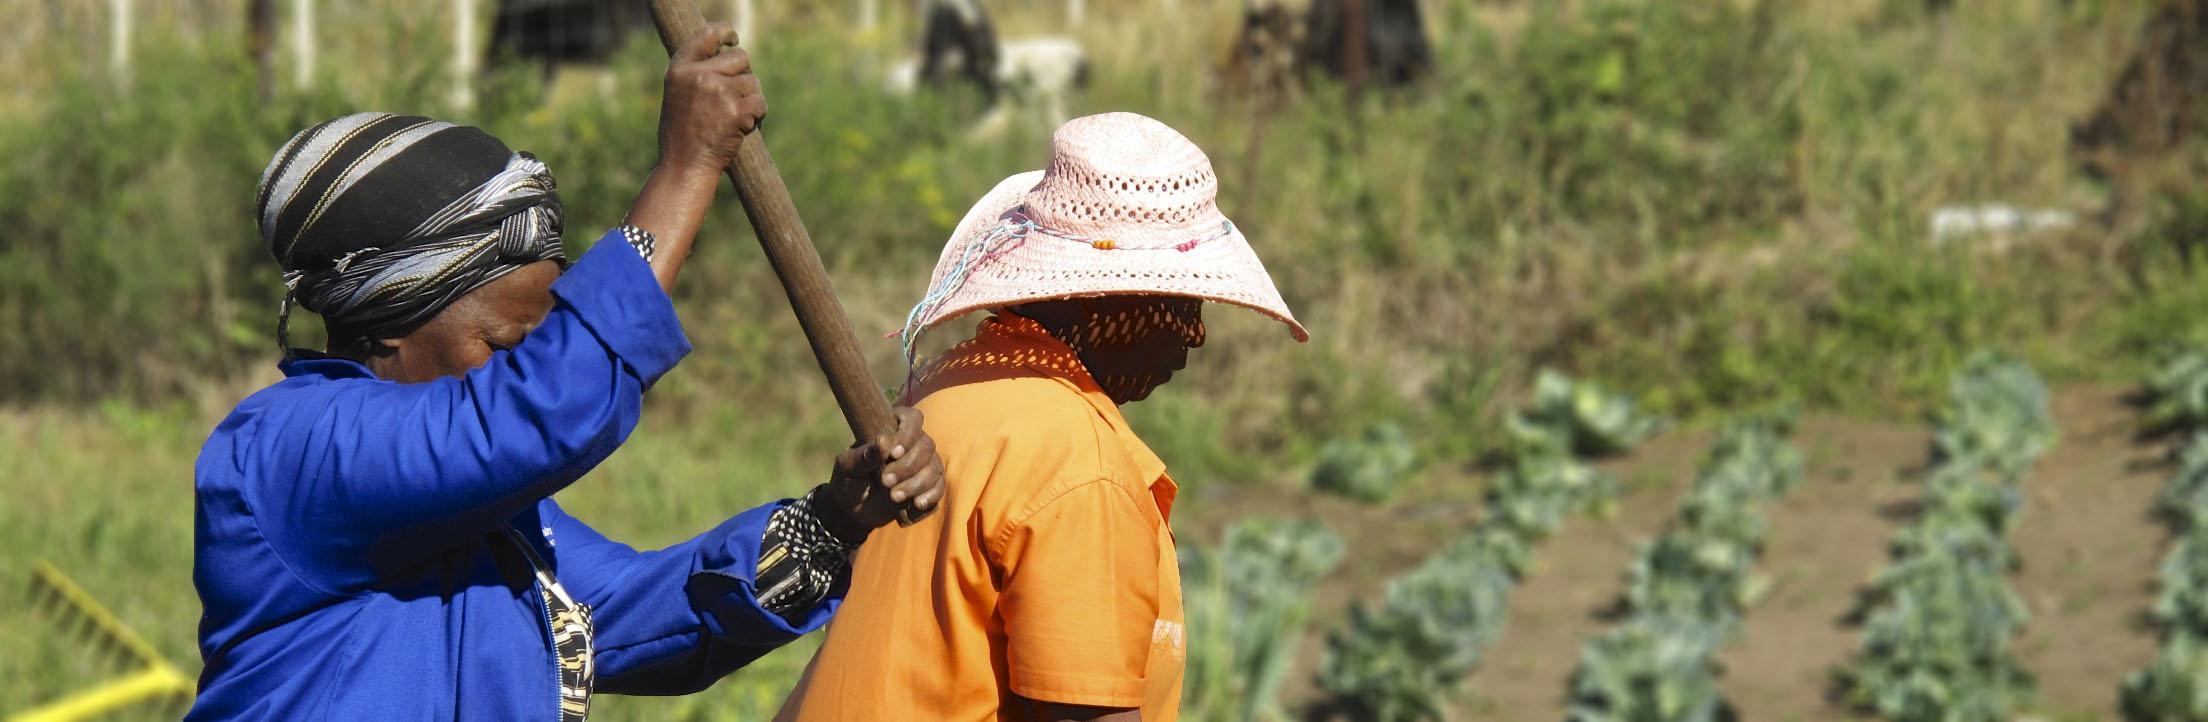 gardening ladies